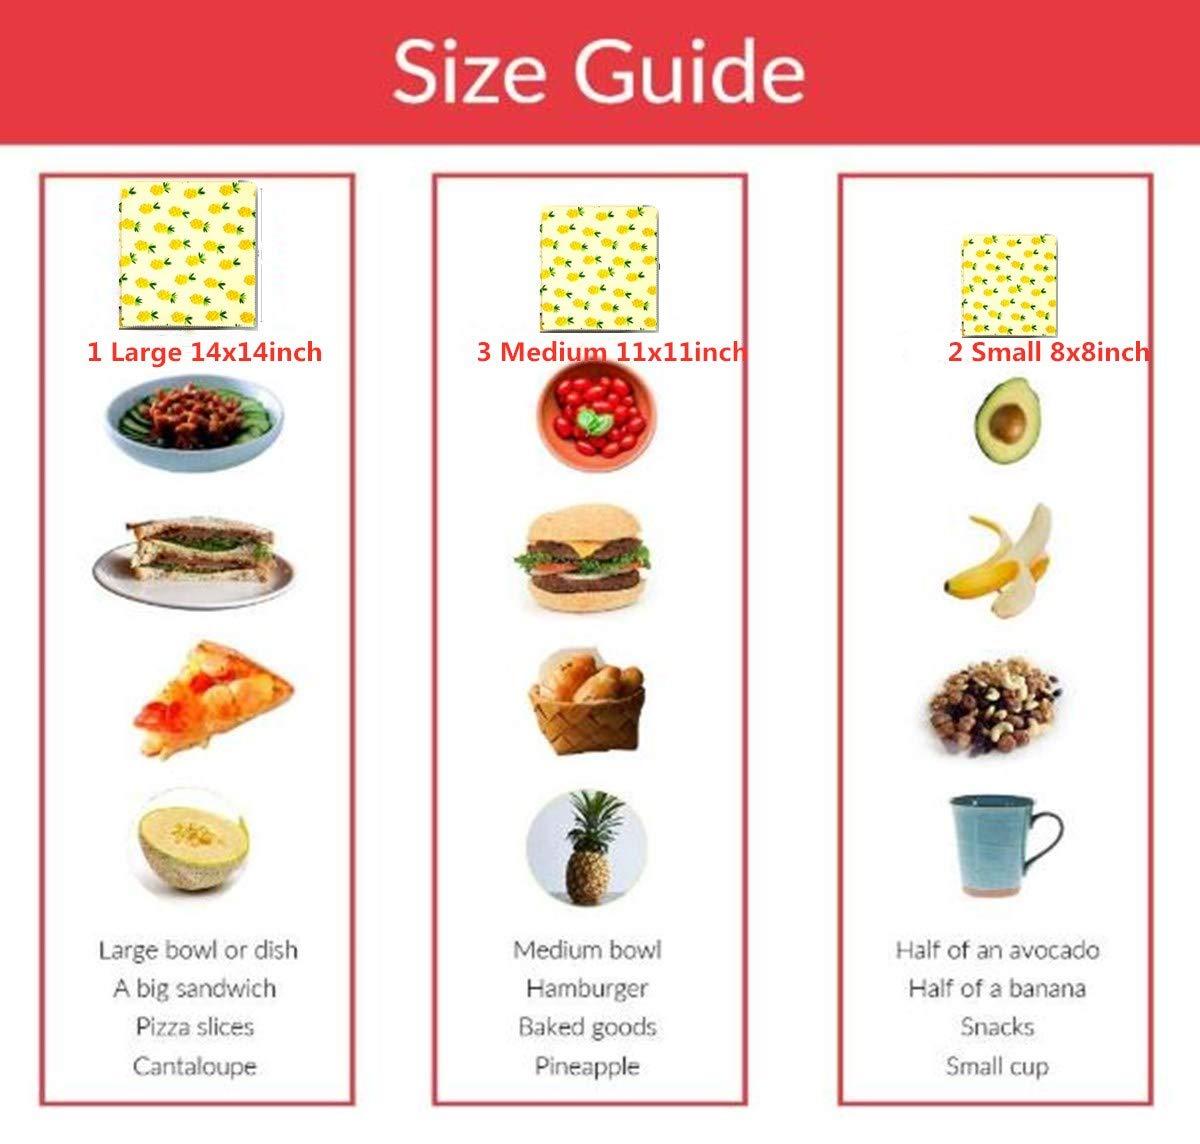 Beeswax Warp Wachspapier, 6er Set Wiederverwendbare Bienenwachstücher Bio Bienenwachs Lebensmittelverpackung Verschiedene Größe für Obst, Gemüse und Brot waschbare